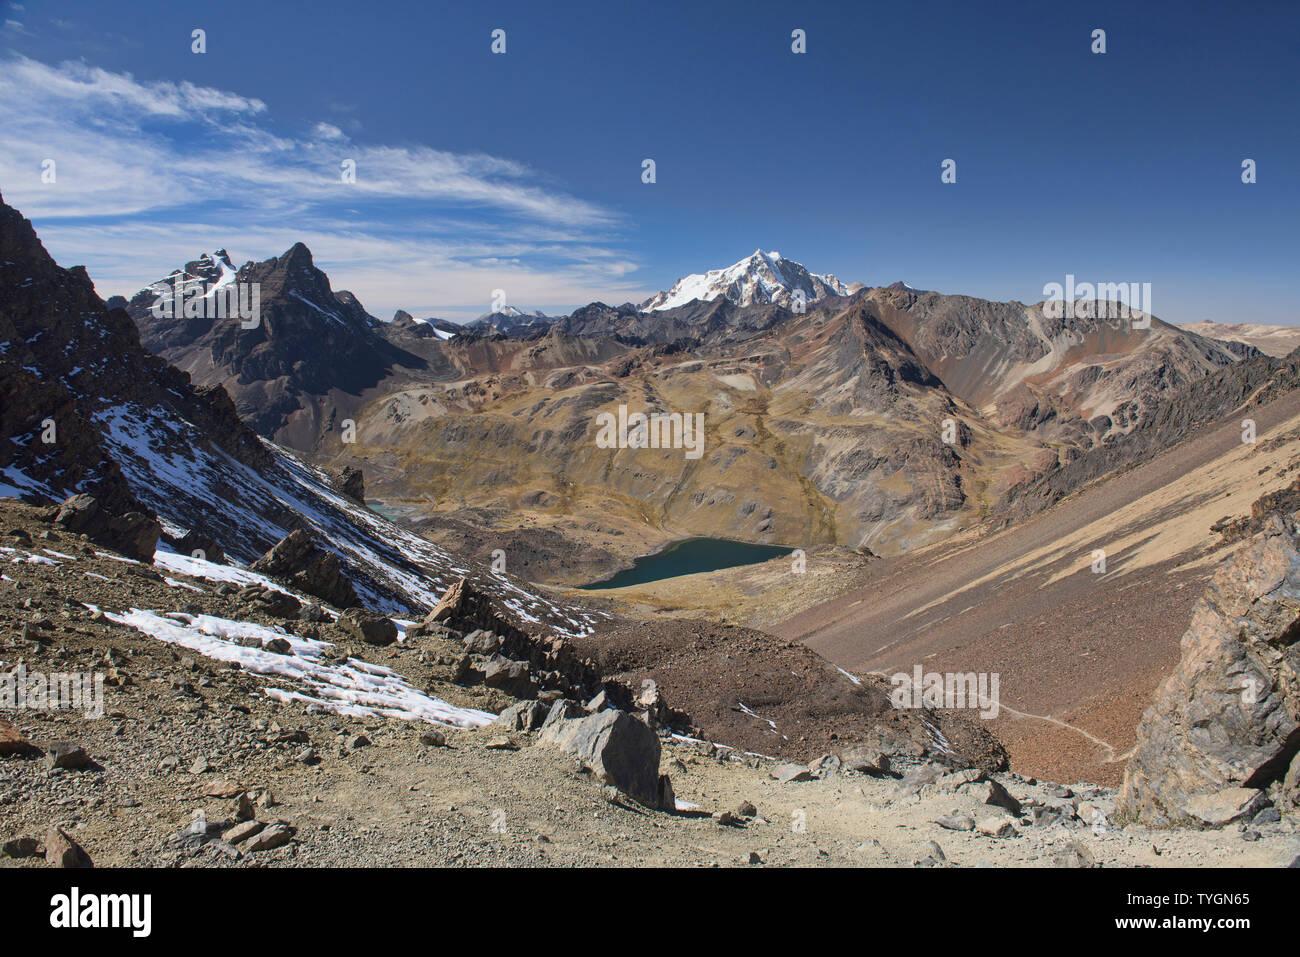 Descending from Pico Austria on the Cordillera Real Traverse, Bolivia - Stock Image